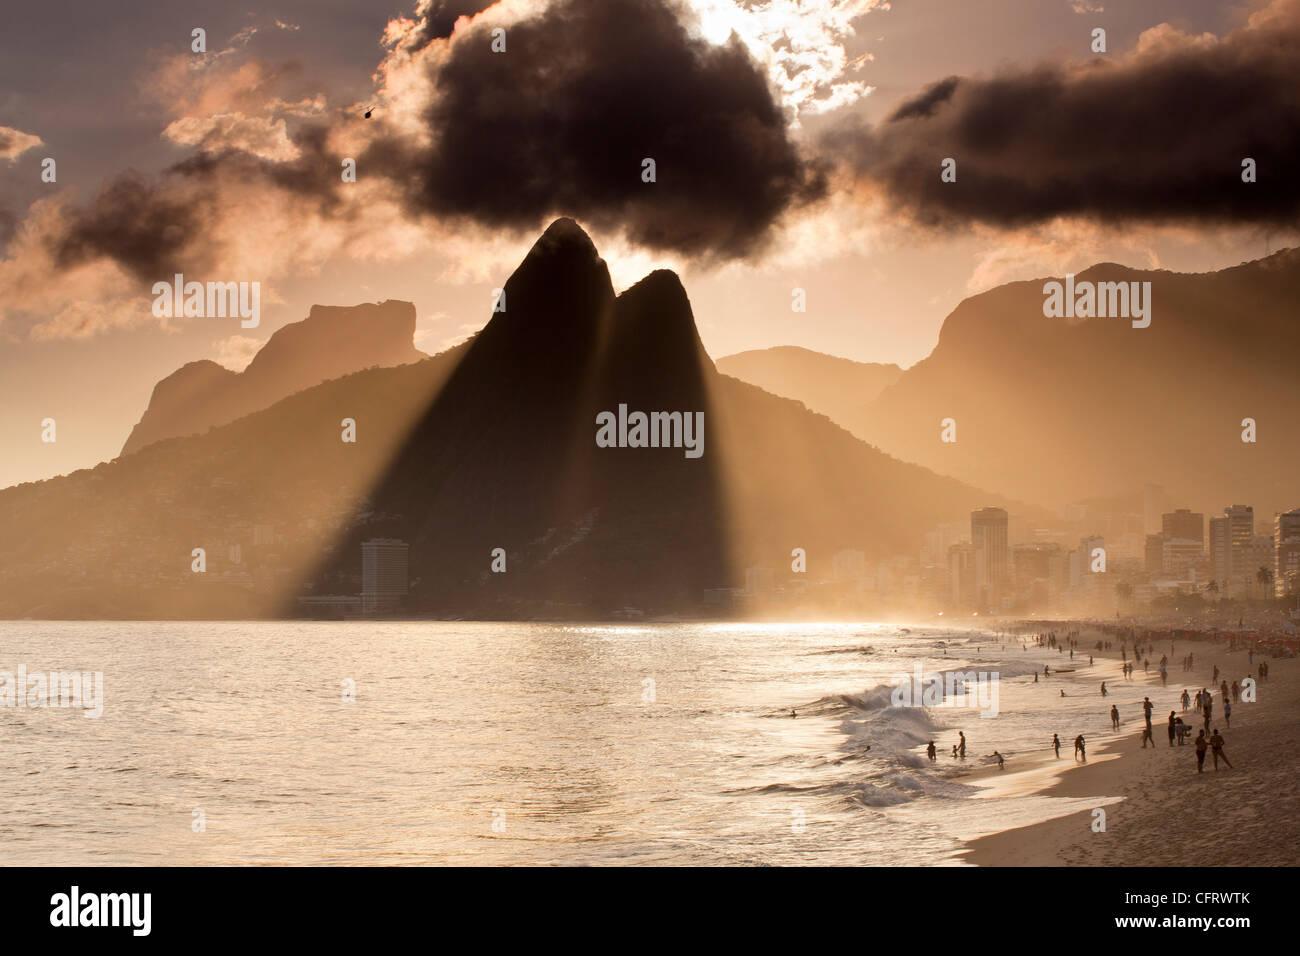 Les plages d'Ipanema et Leblon au coucher de Rio de Janeiro Brésil destination de voyage Photo Stock